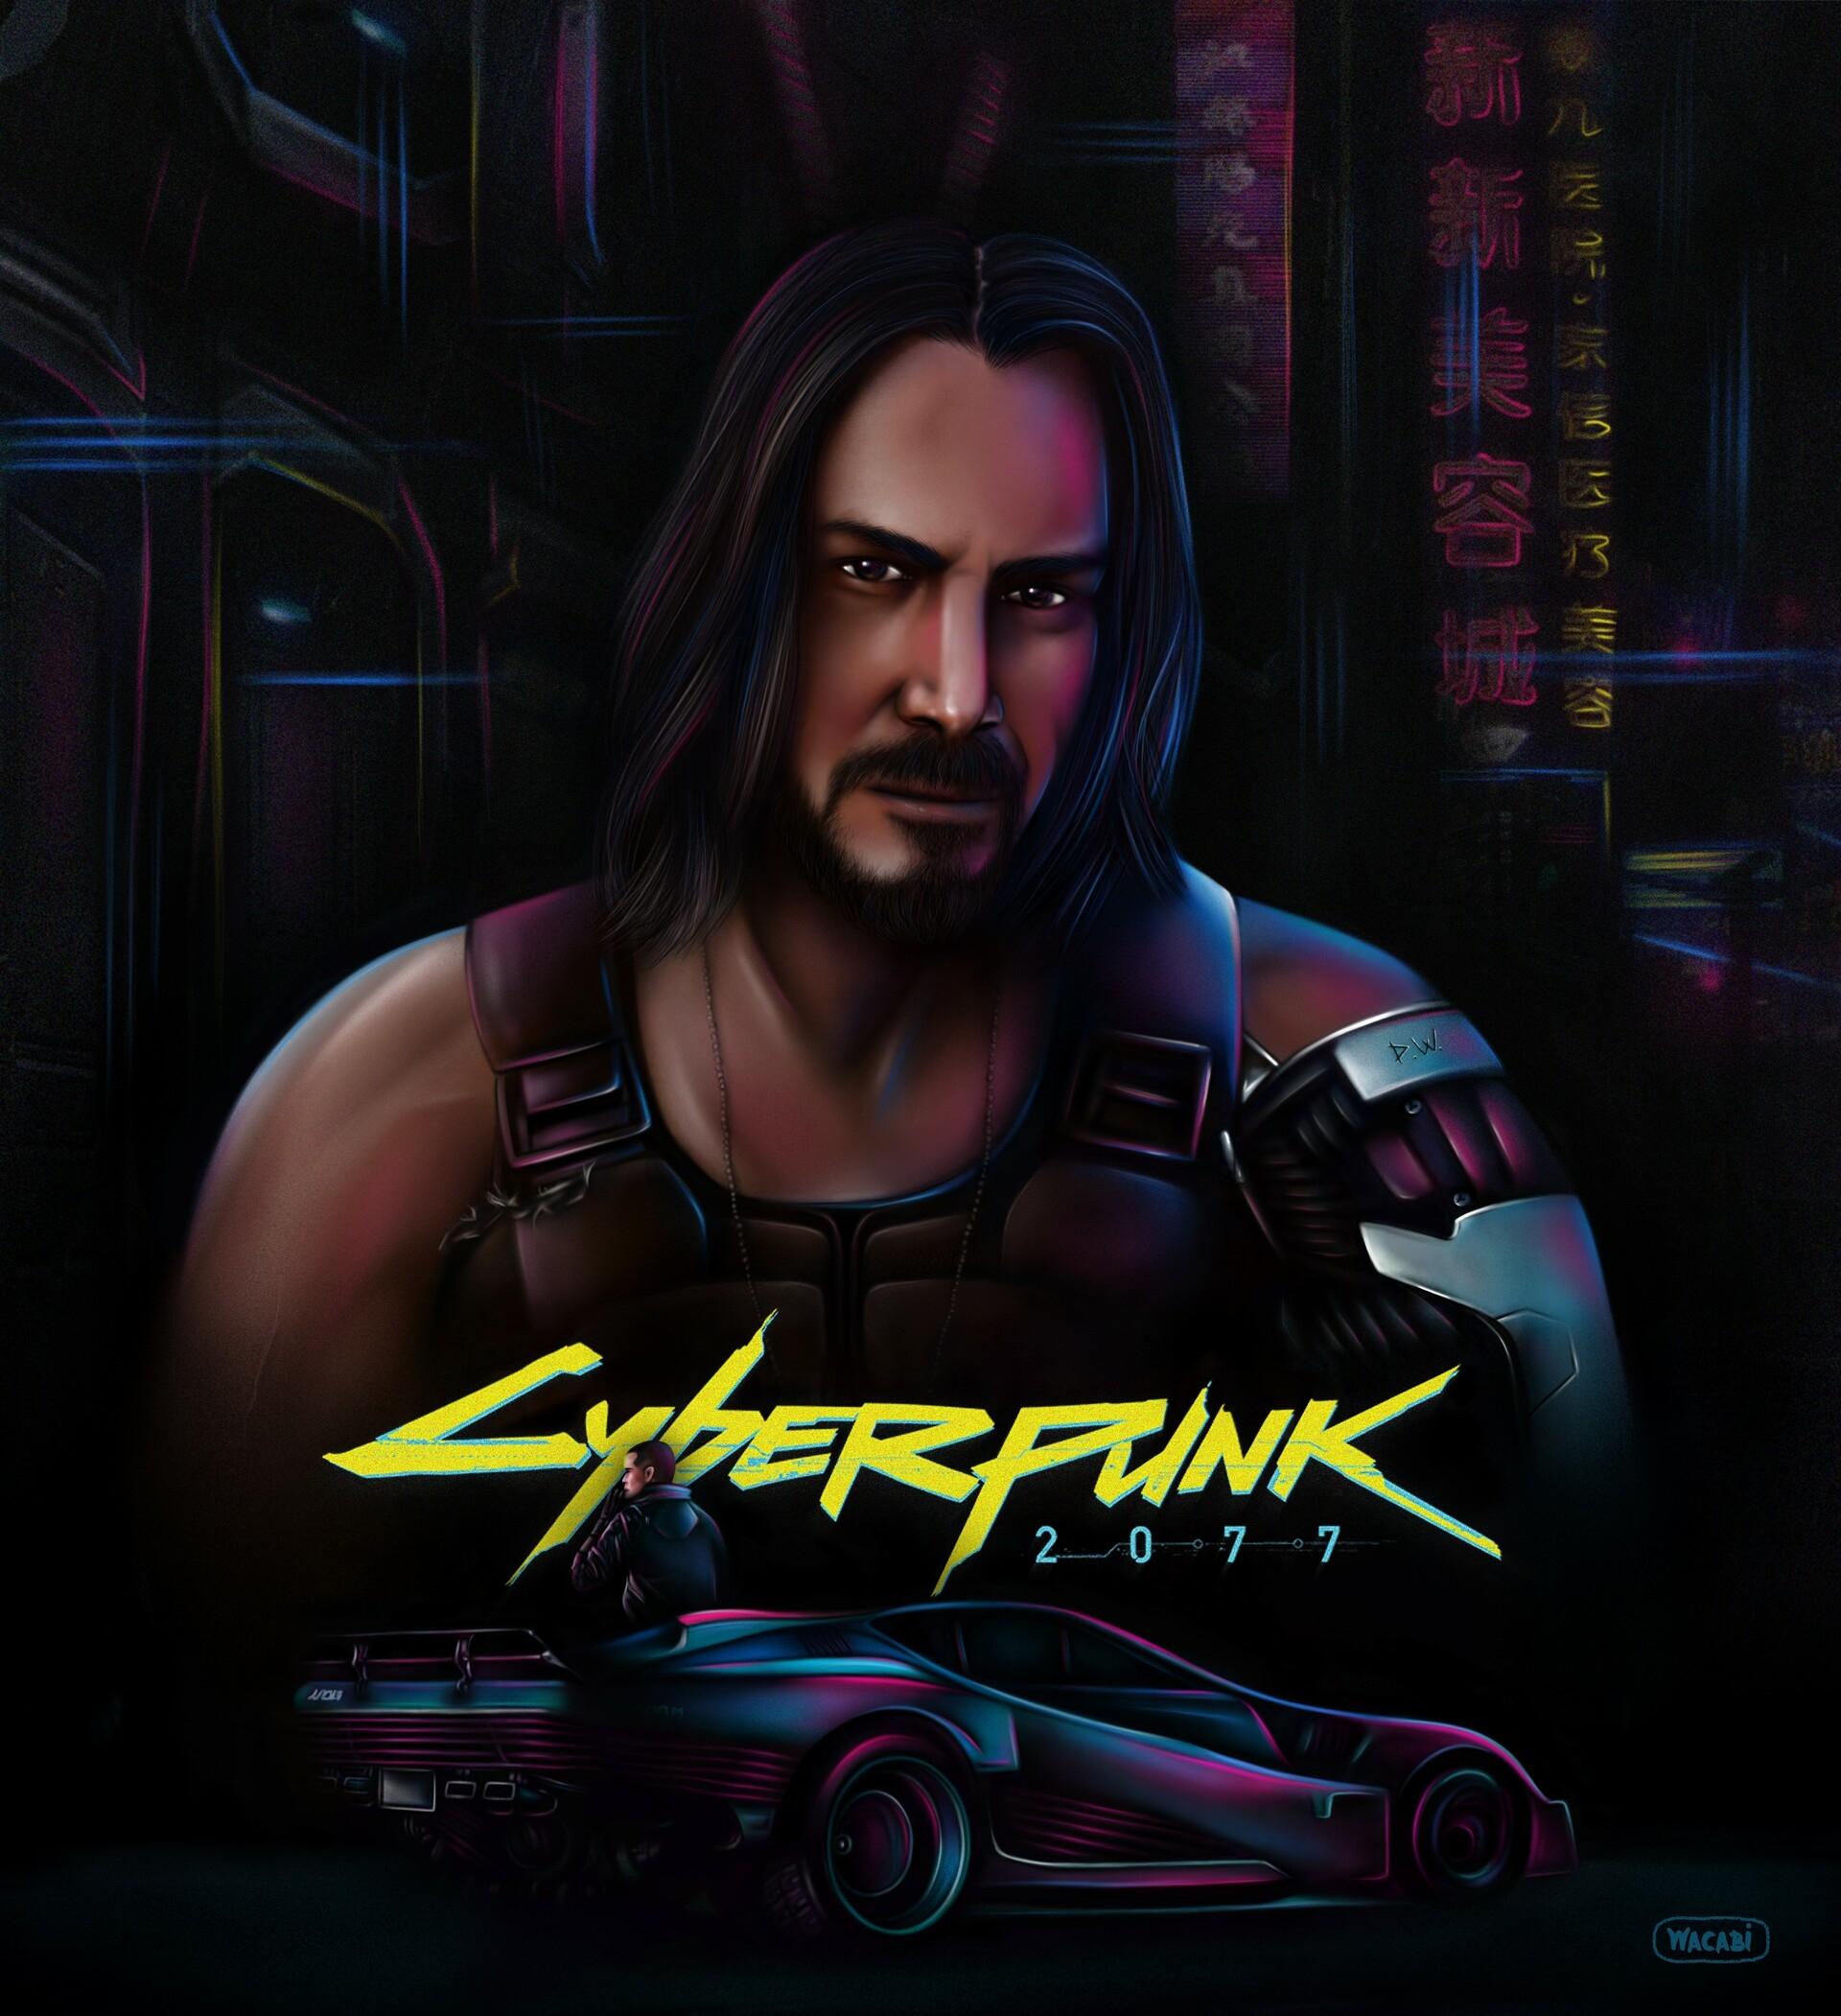 Cyberpunk 2077 Fan Art Wallpaper, HD Artist 4K Wallpapers ...